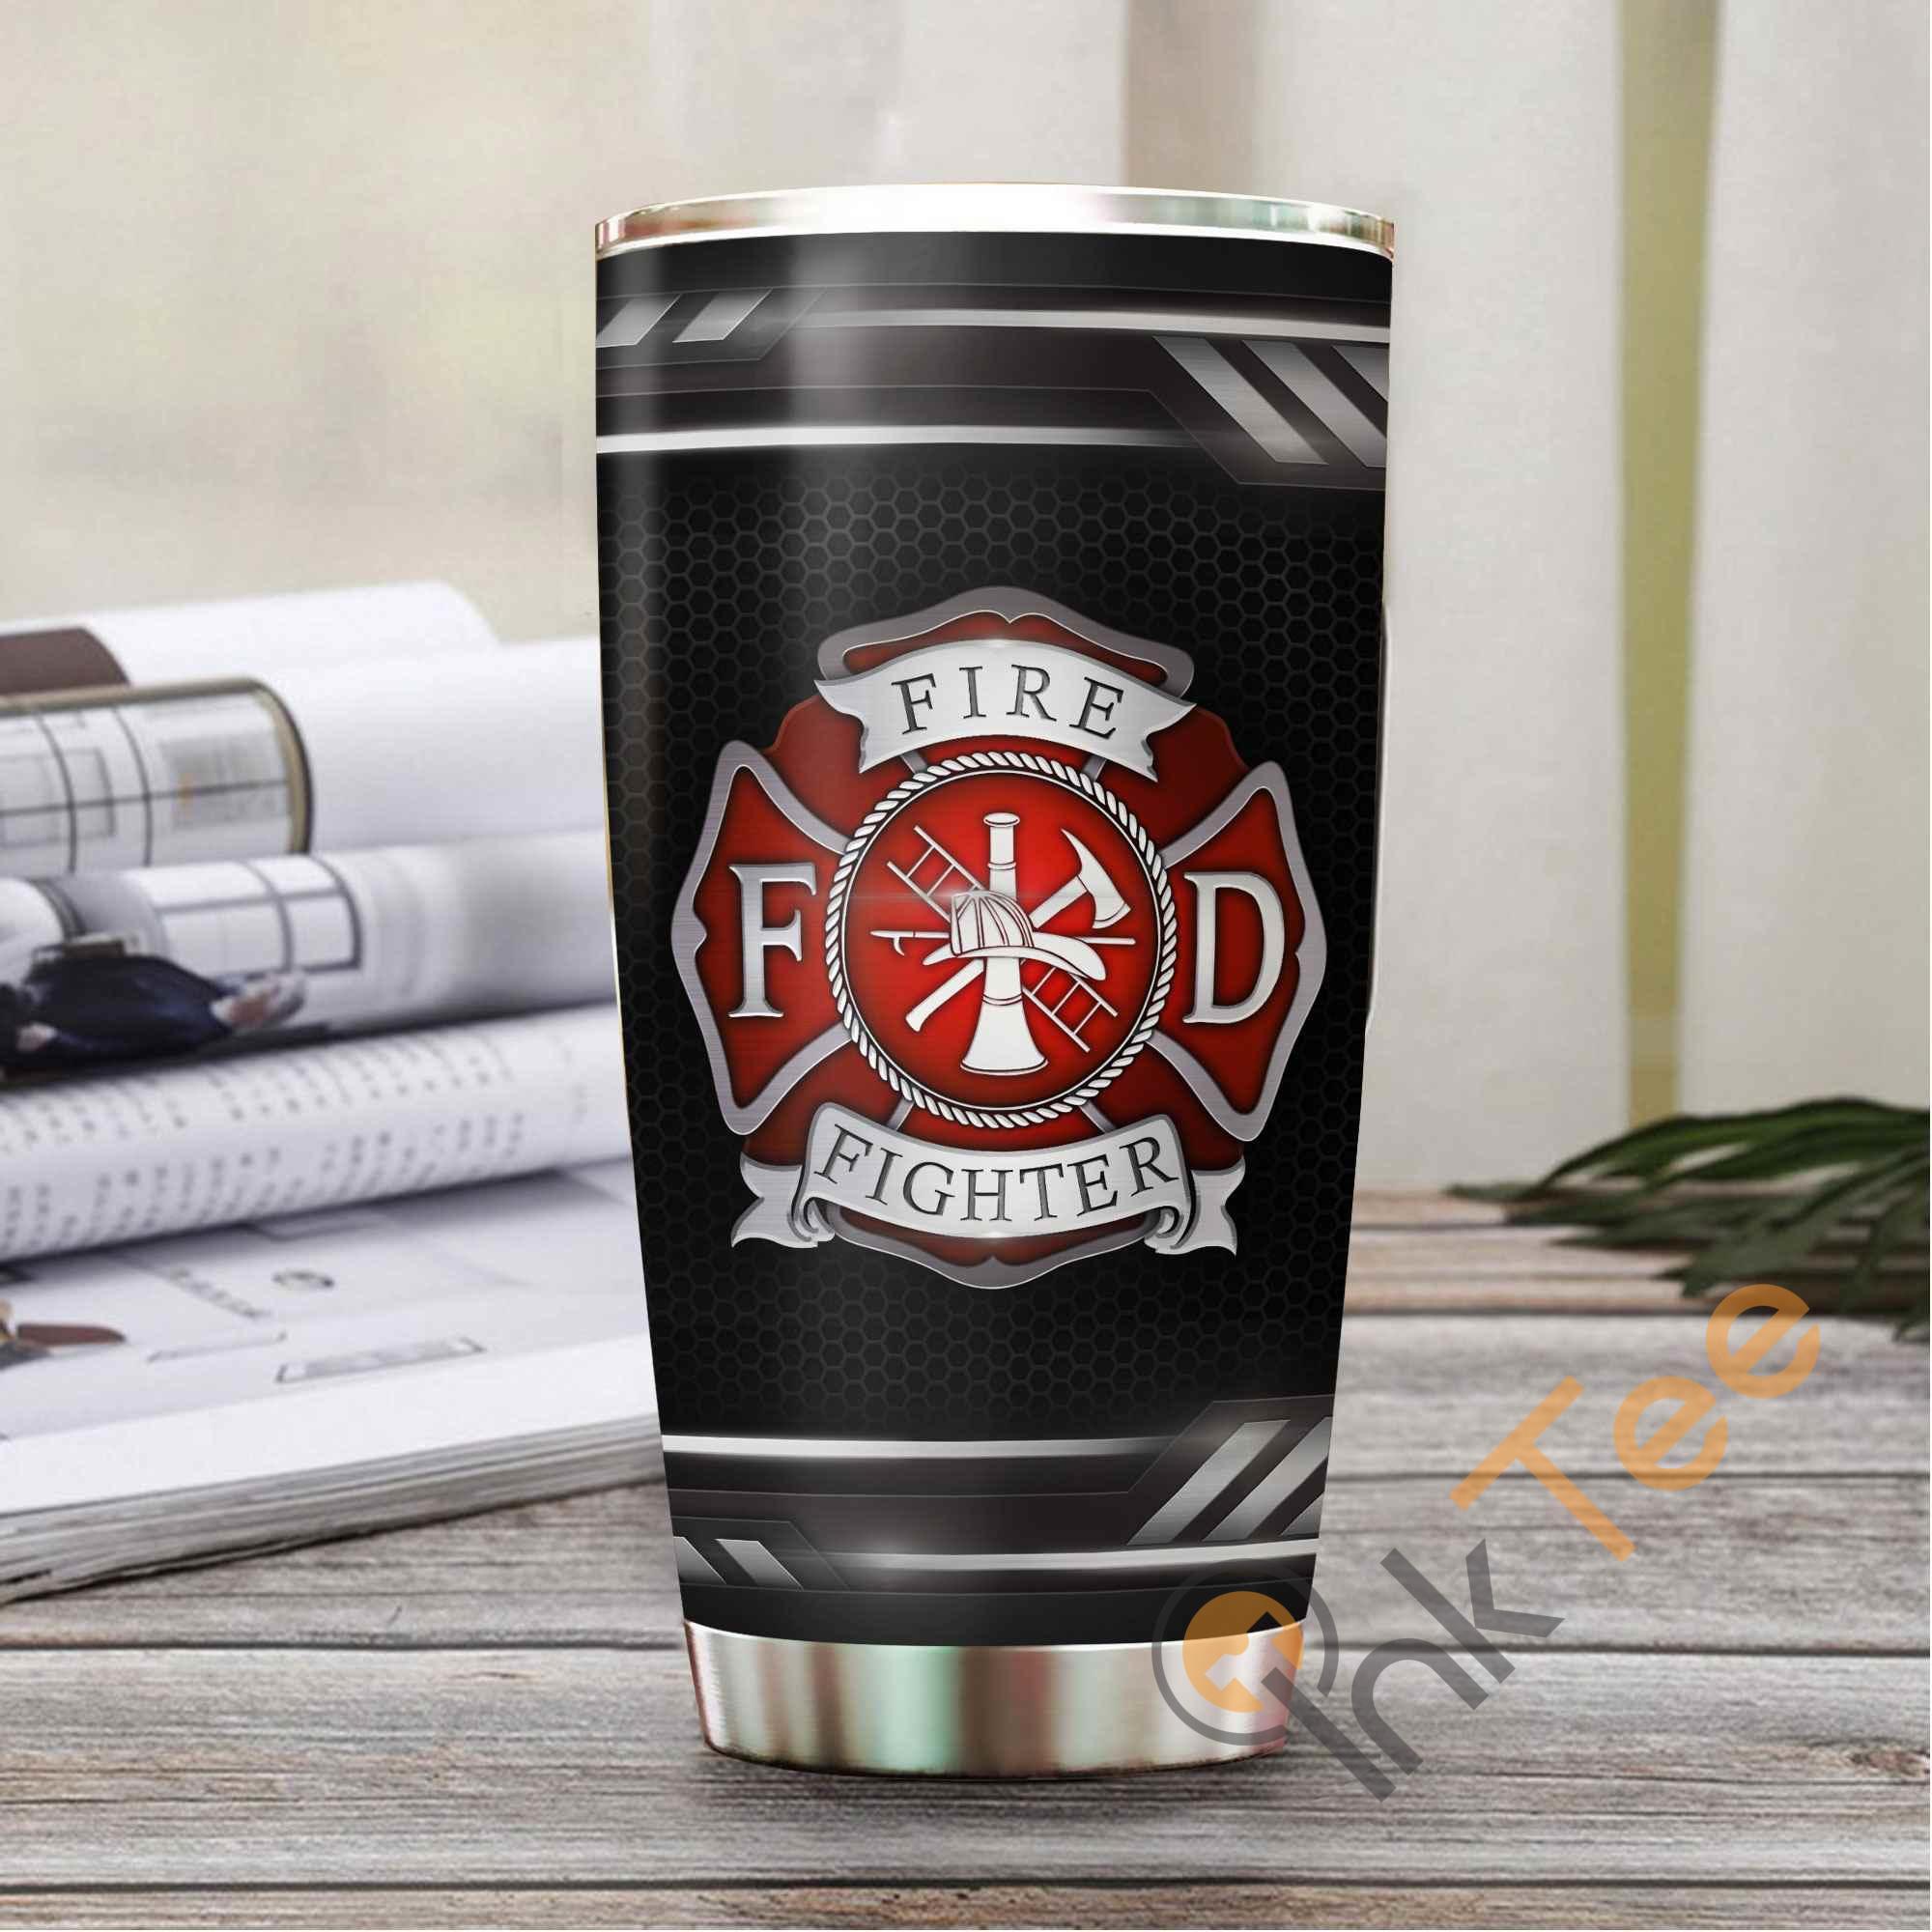 Firefighter Logo Metal Stainless Steel Tumbler